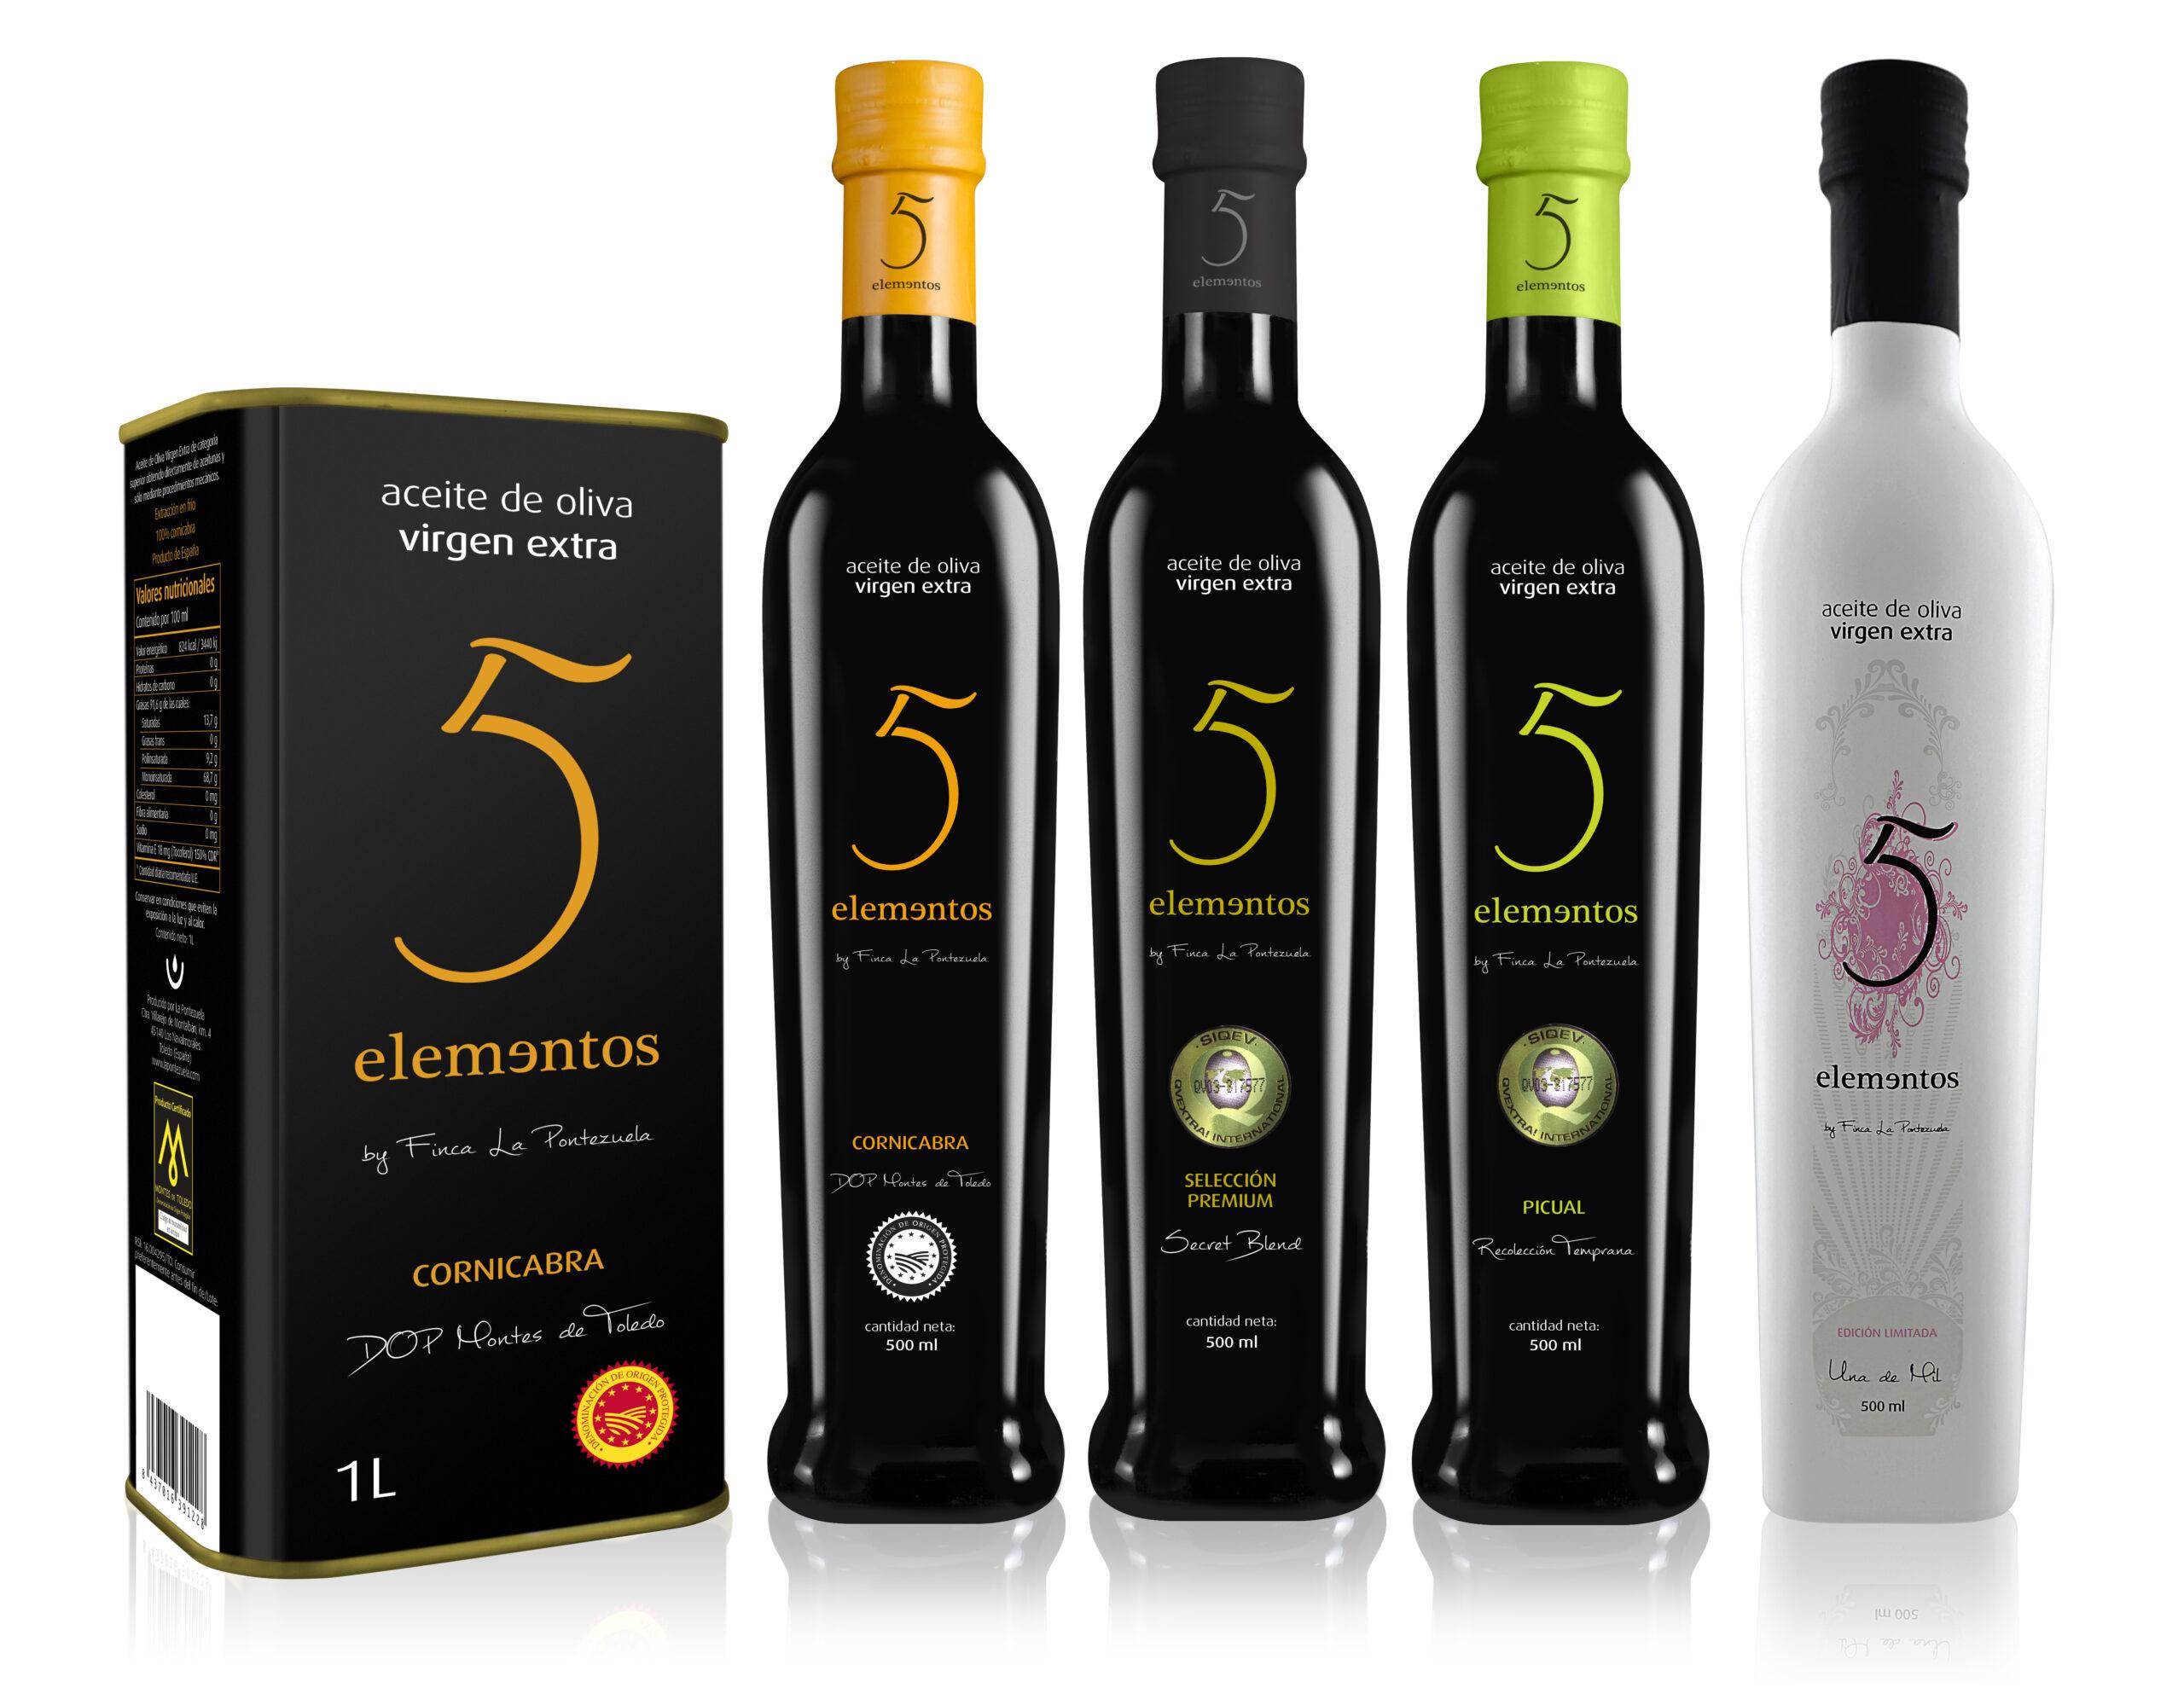 descubre en qué se diferencia el aceite de oliva español respecto a los demás